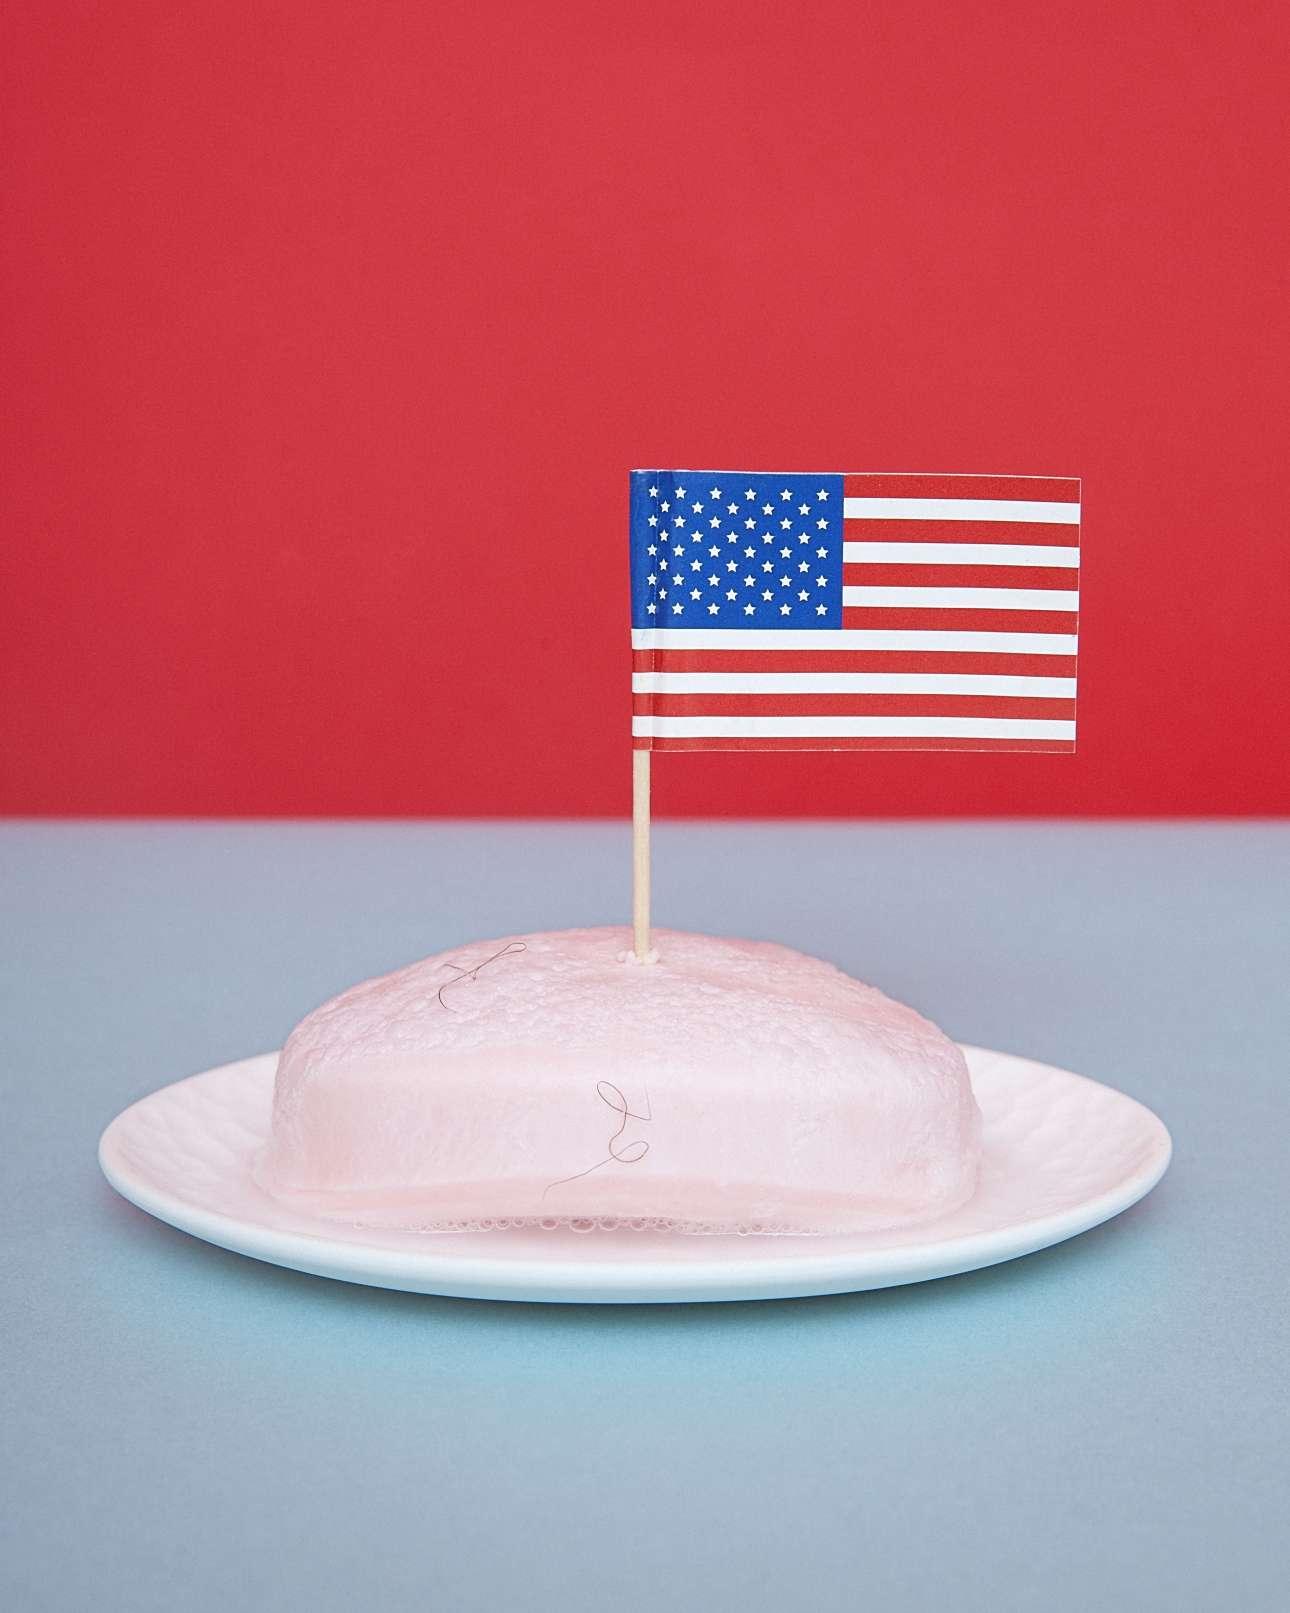 Παλιότερα στη Νεβάδα ήταν παράνομο να βάλεις την αμερικανική σημαία πάνω σε σαπούνι